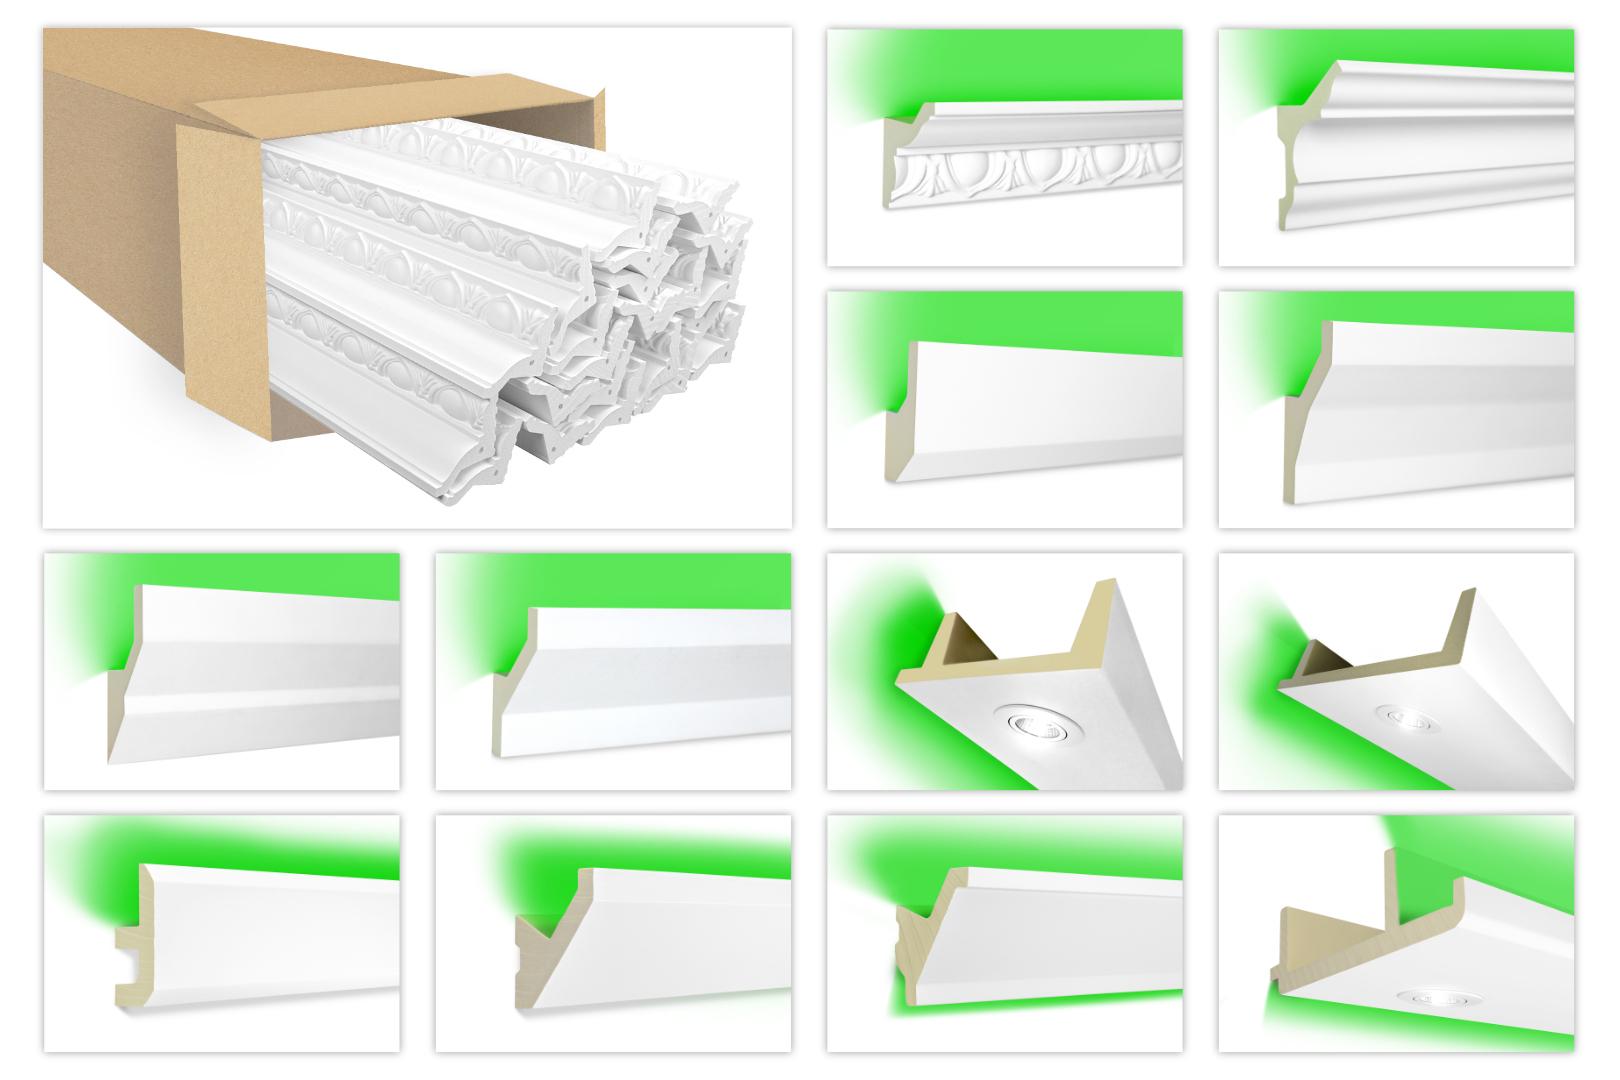 Sparpakete LED-1 bis LED-20 Profil aus PU - indirekte Beleuchtung, lichtundurchlässig